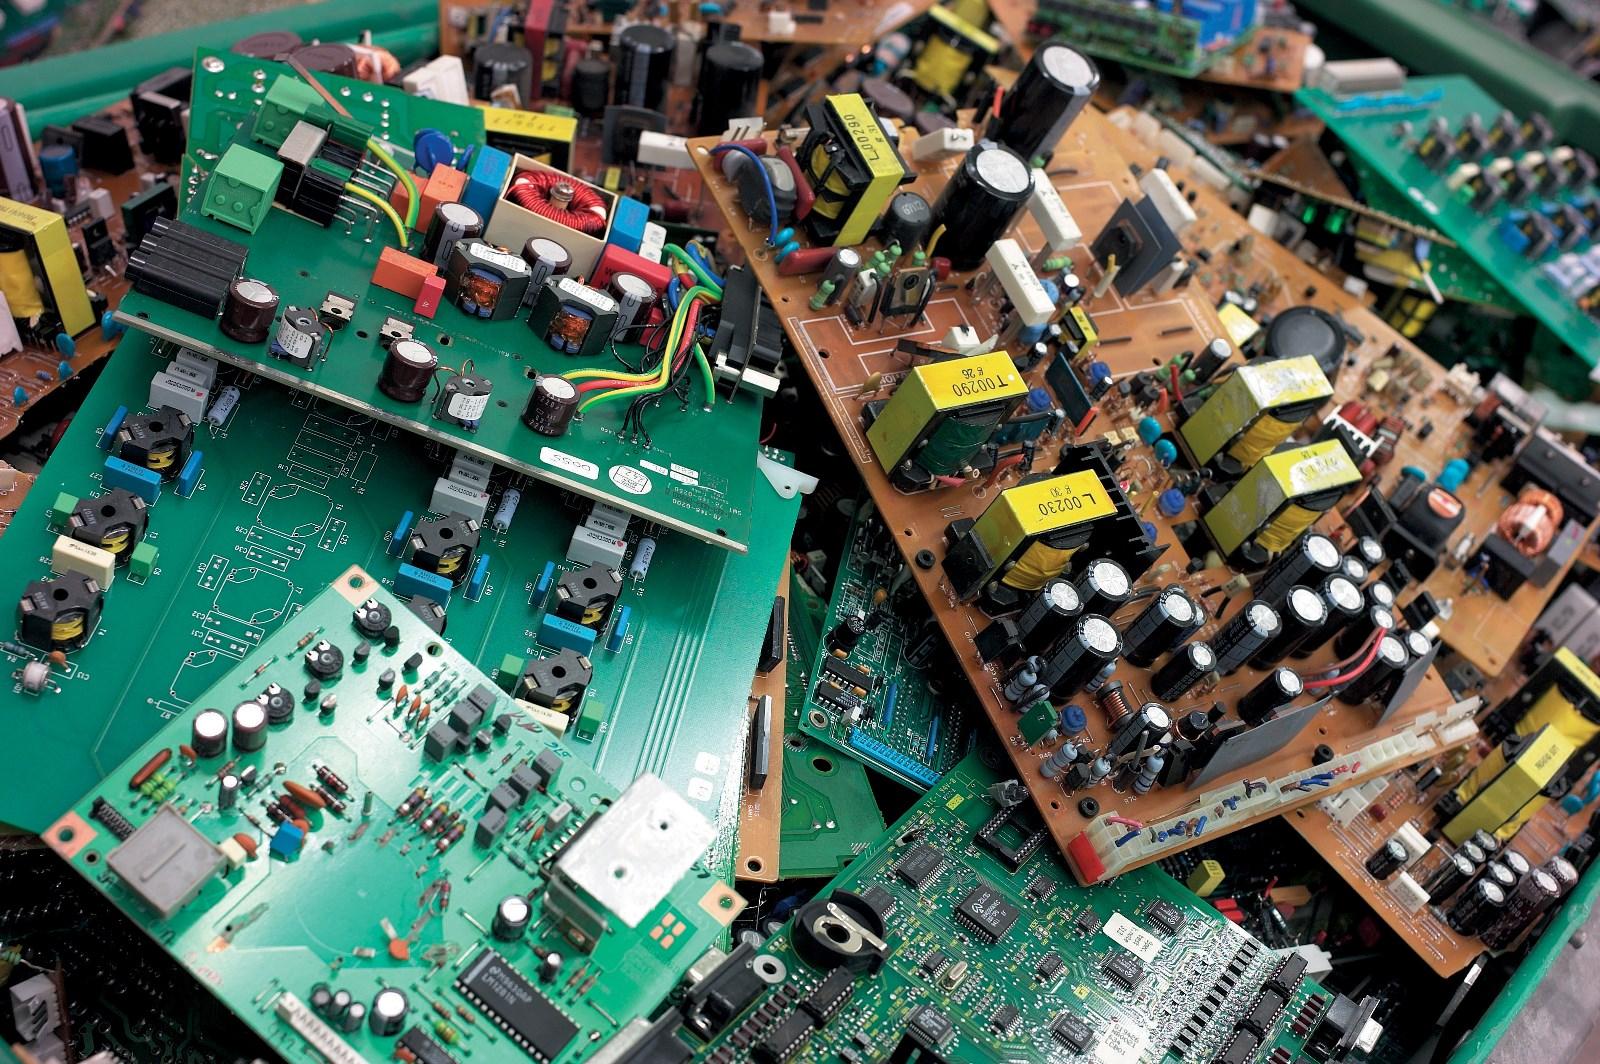 Elektroniikkaromun Kierrätys